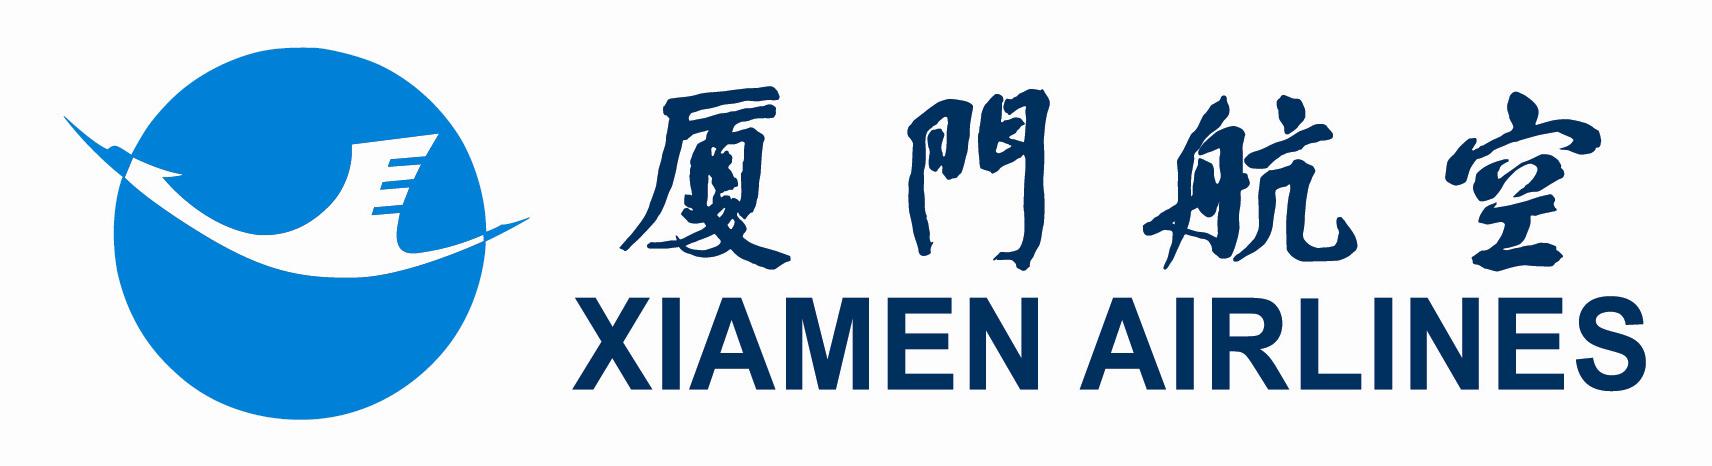 厦门航空有限公司设立天津分公司是挺进华北航空市场的重要战略部署